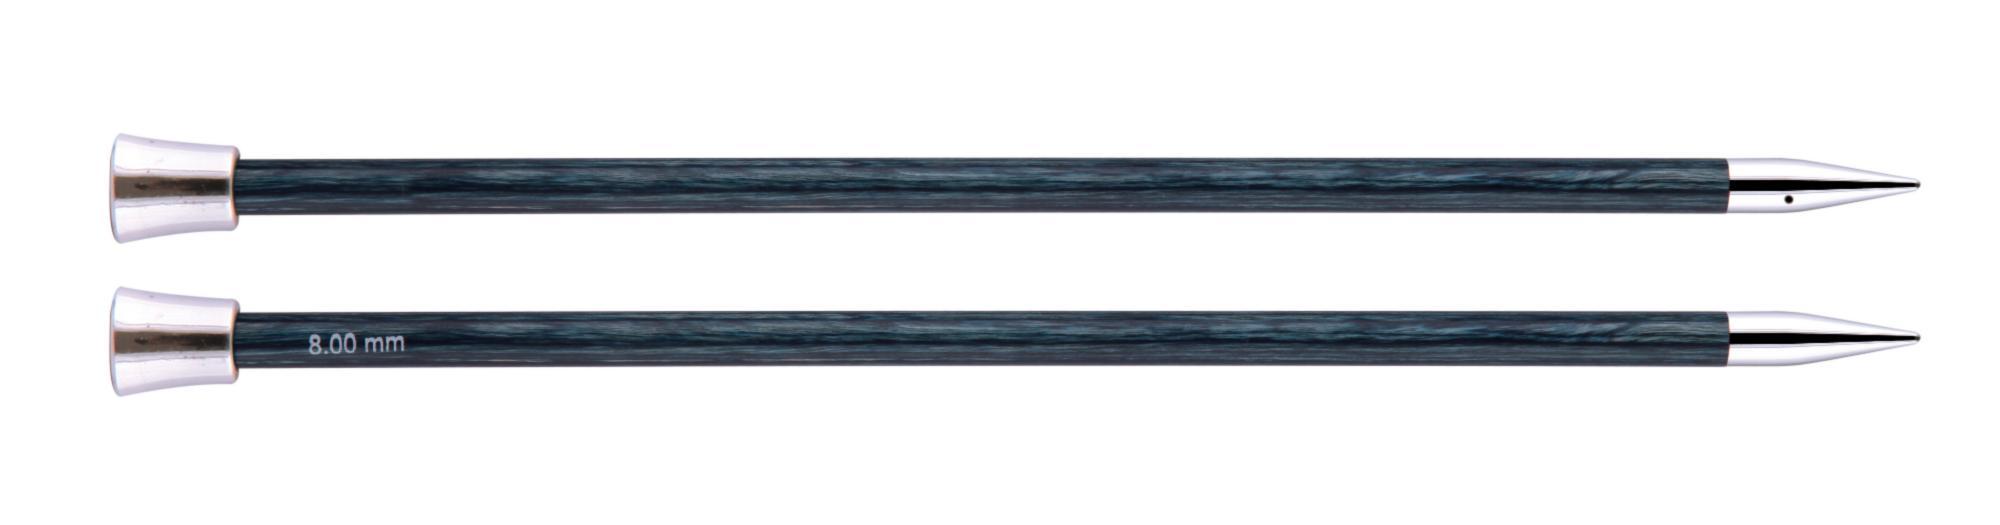 Спицы прямые 40 см Royale KnitPro, 29242, 8,00 мм